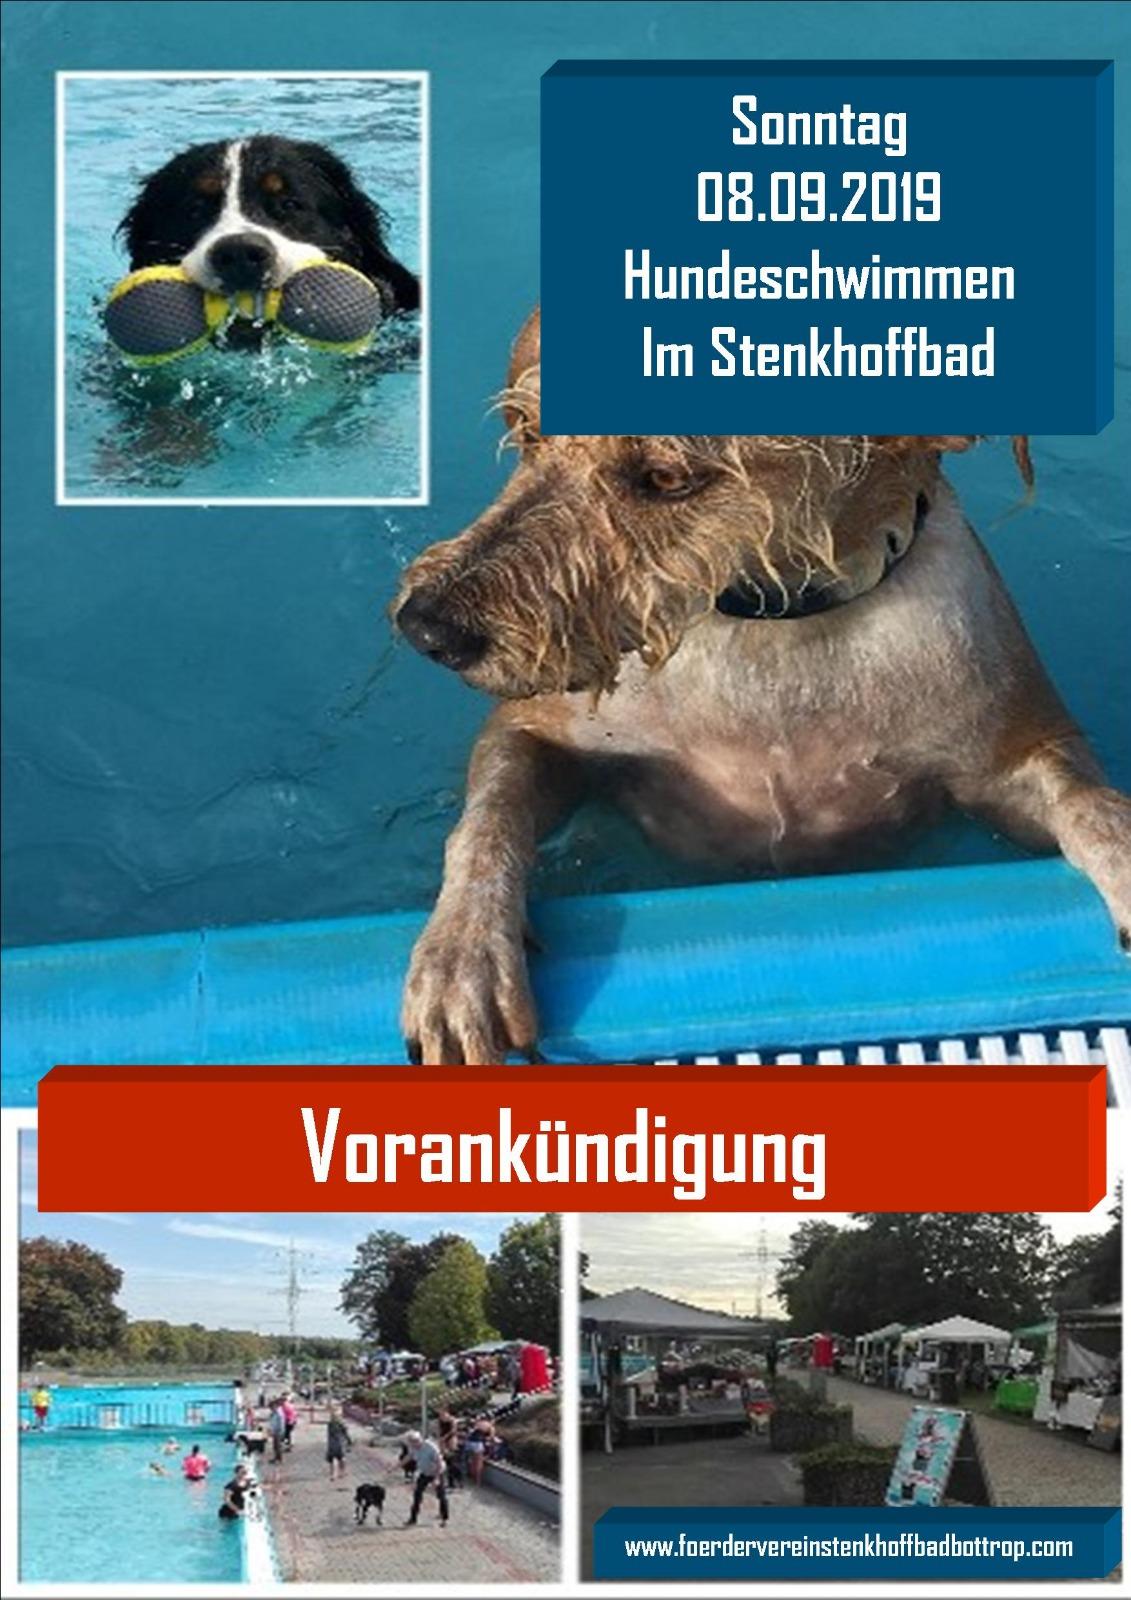 Hundeschwimmen-Stenckhoffbad-2019